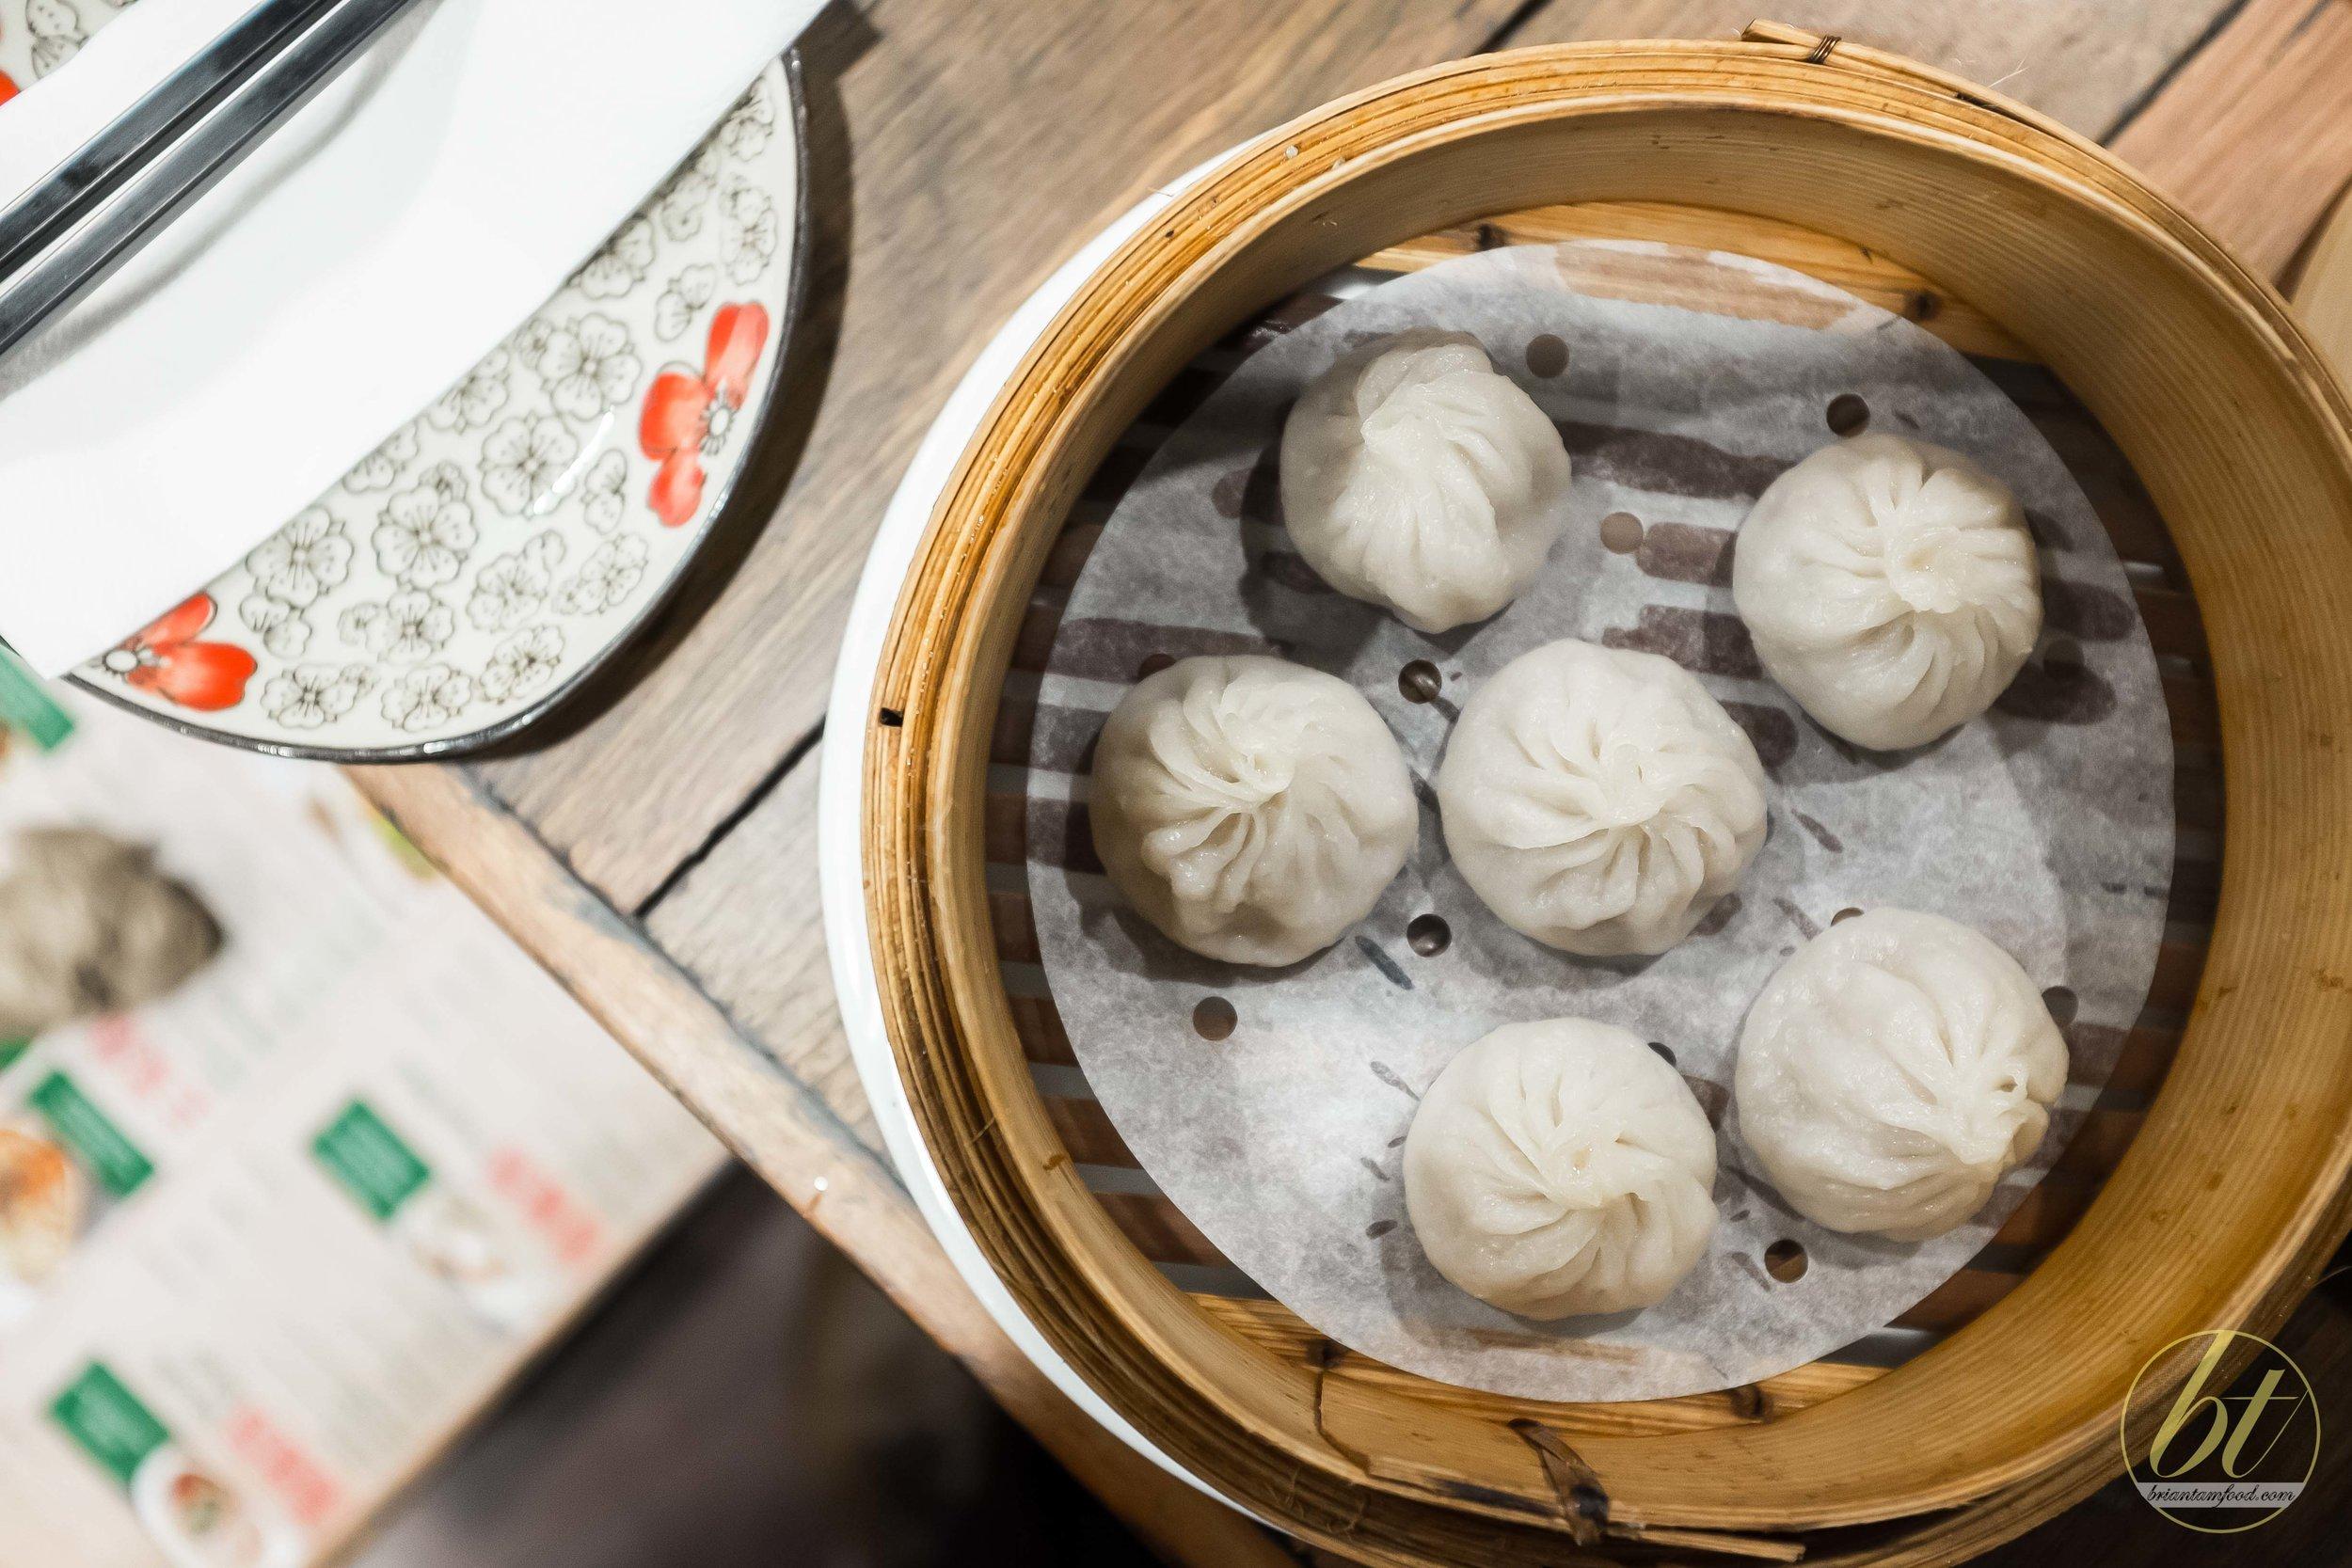 Xiao Long Bao ($8.80 for 6)